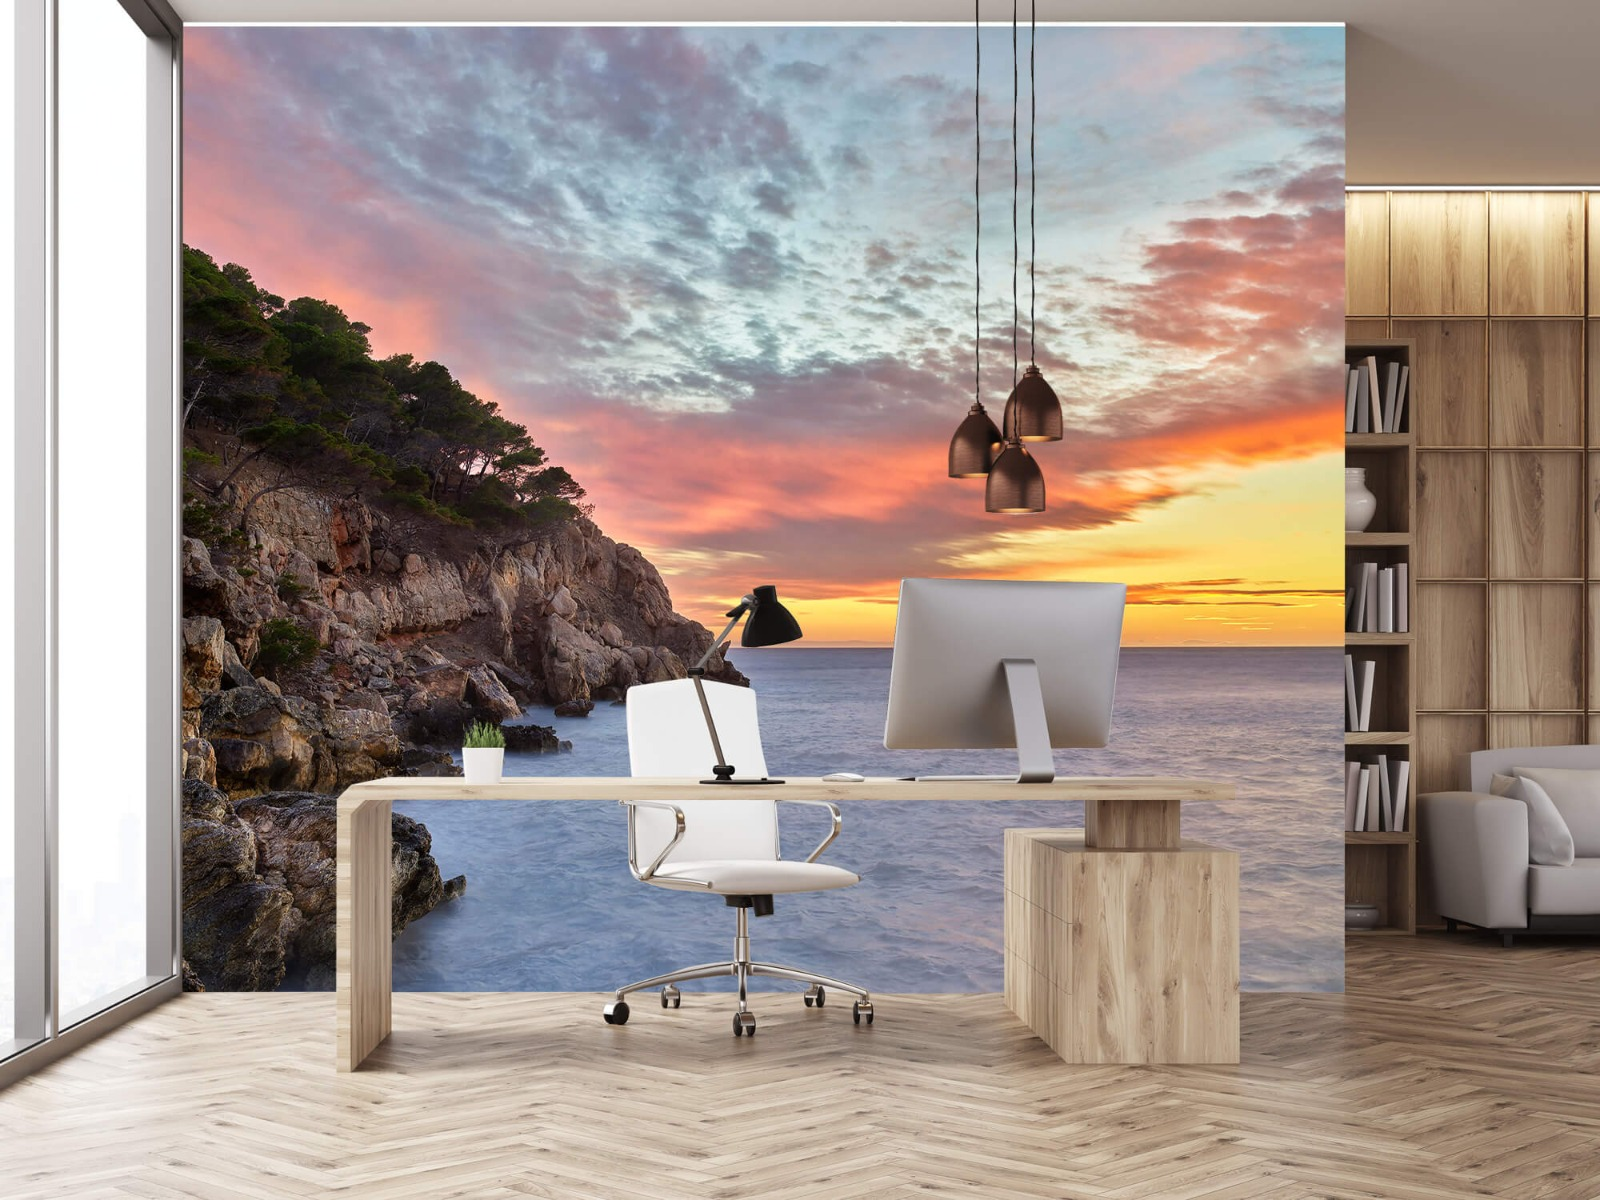 Zeeën en Oceanen - Kleurrijke zonsondergang - Slaapkamer 24